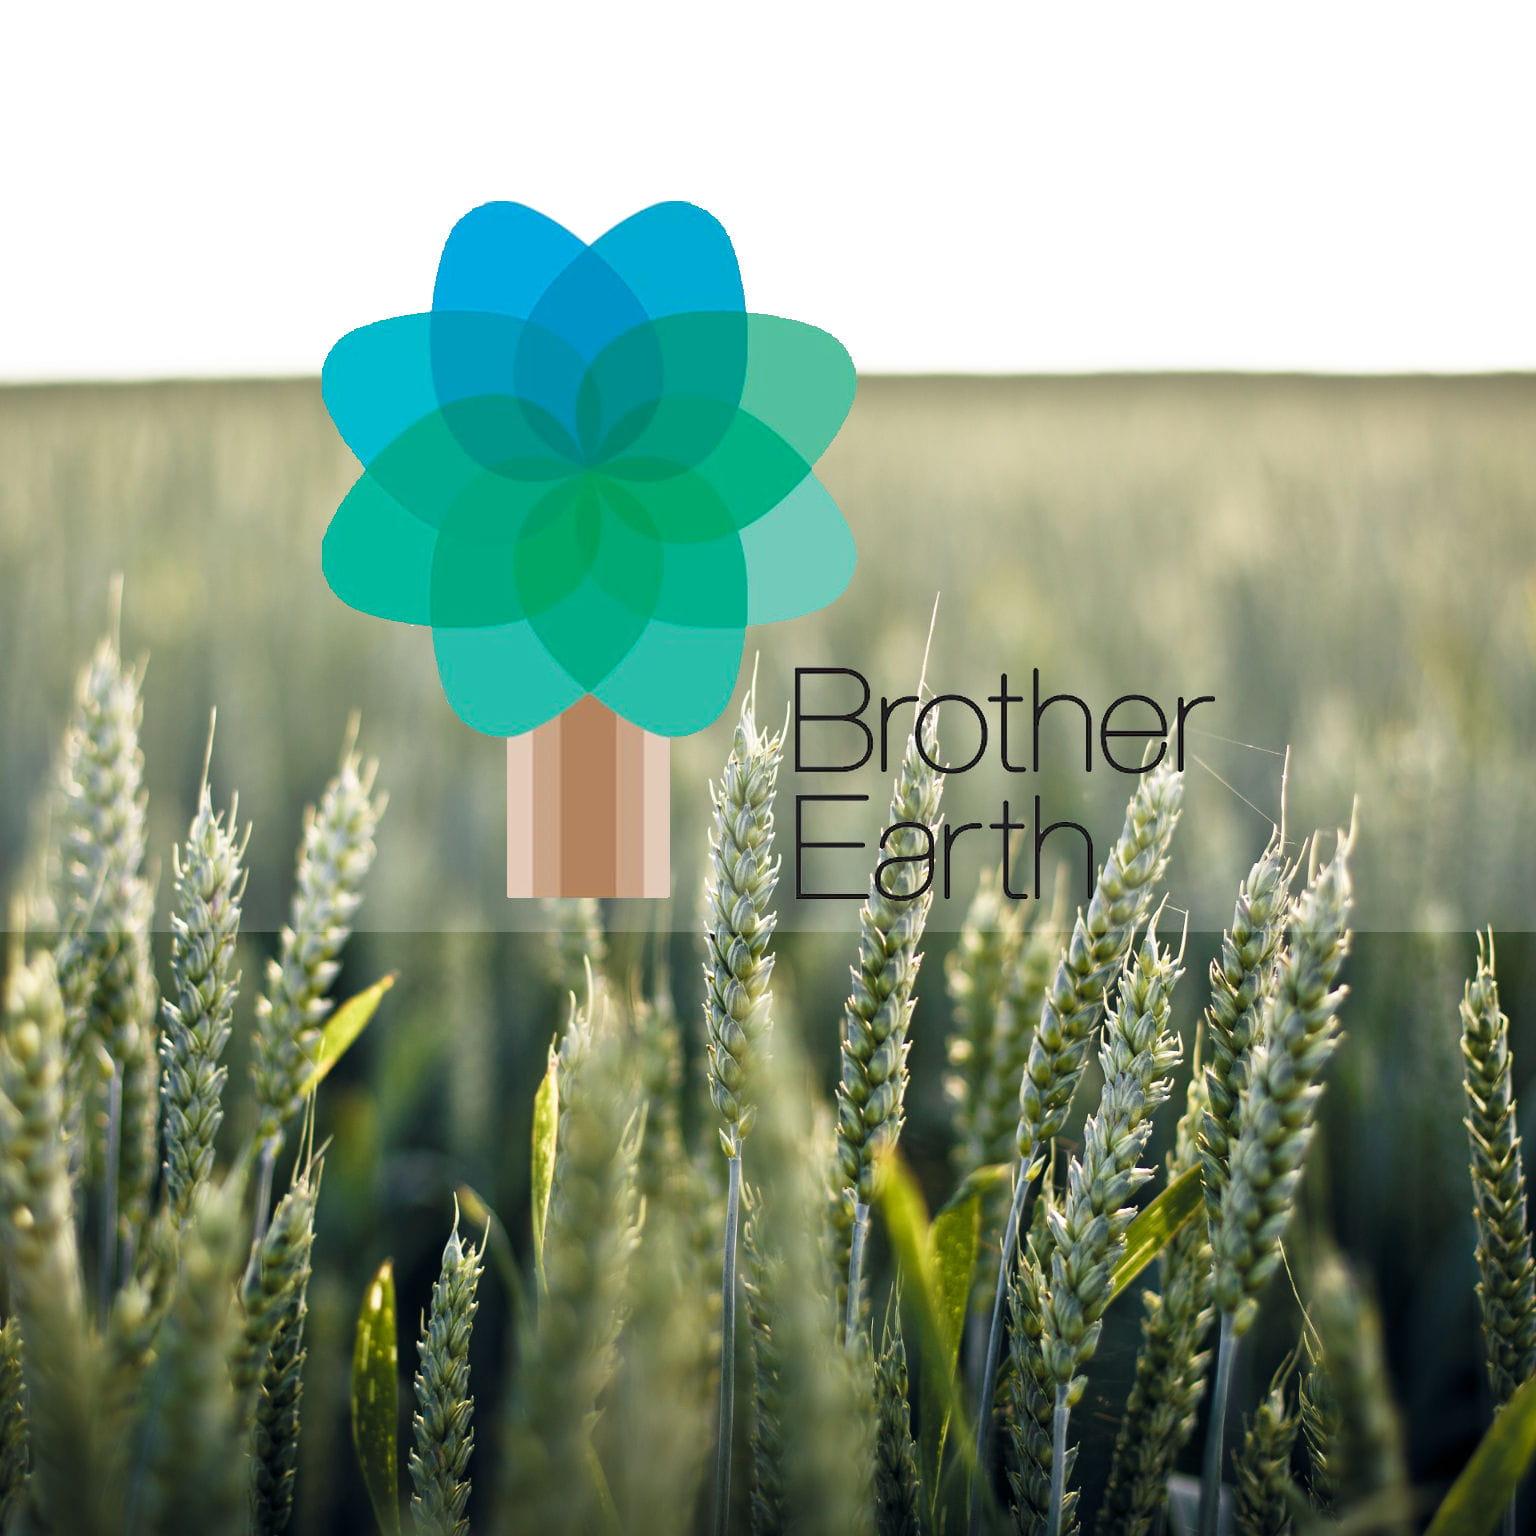 Campo di grando con logo programma ambientale Brother Earth